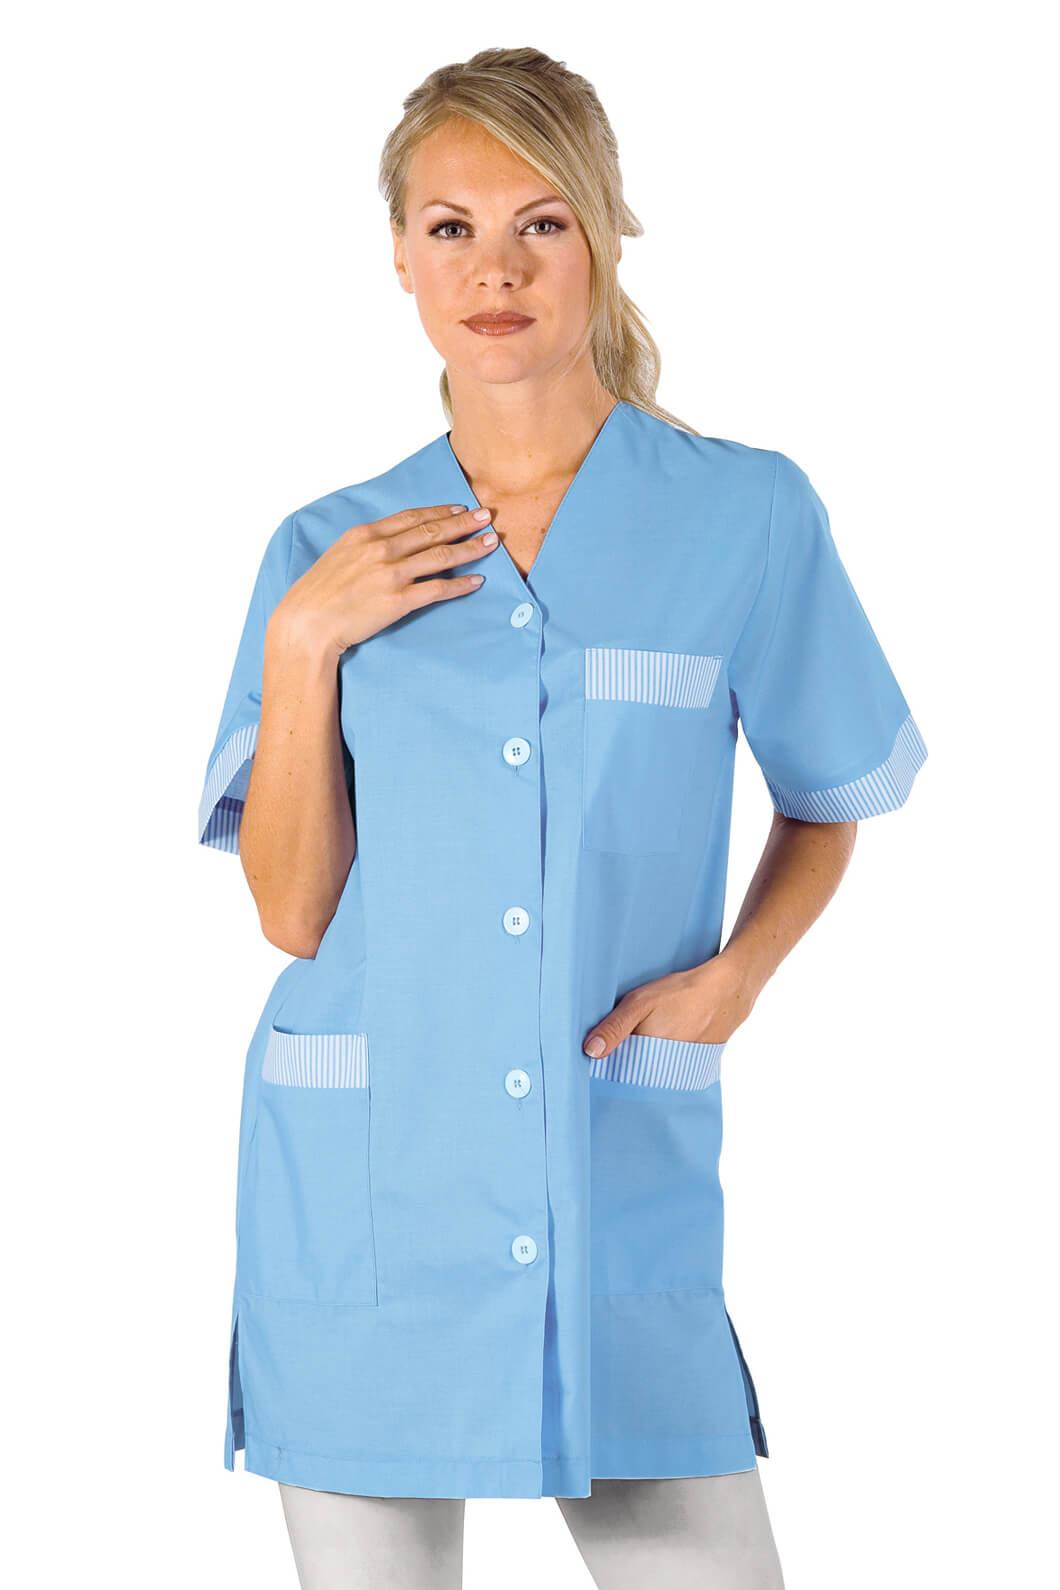 blouse de travail dacca bleu. Black Bedroom Furniture Sets. Home Design Ideas